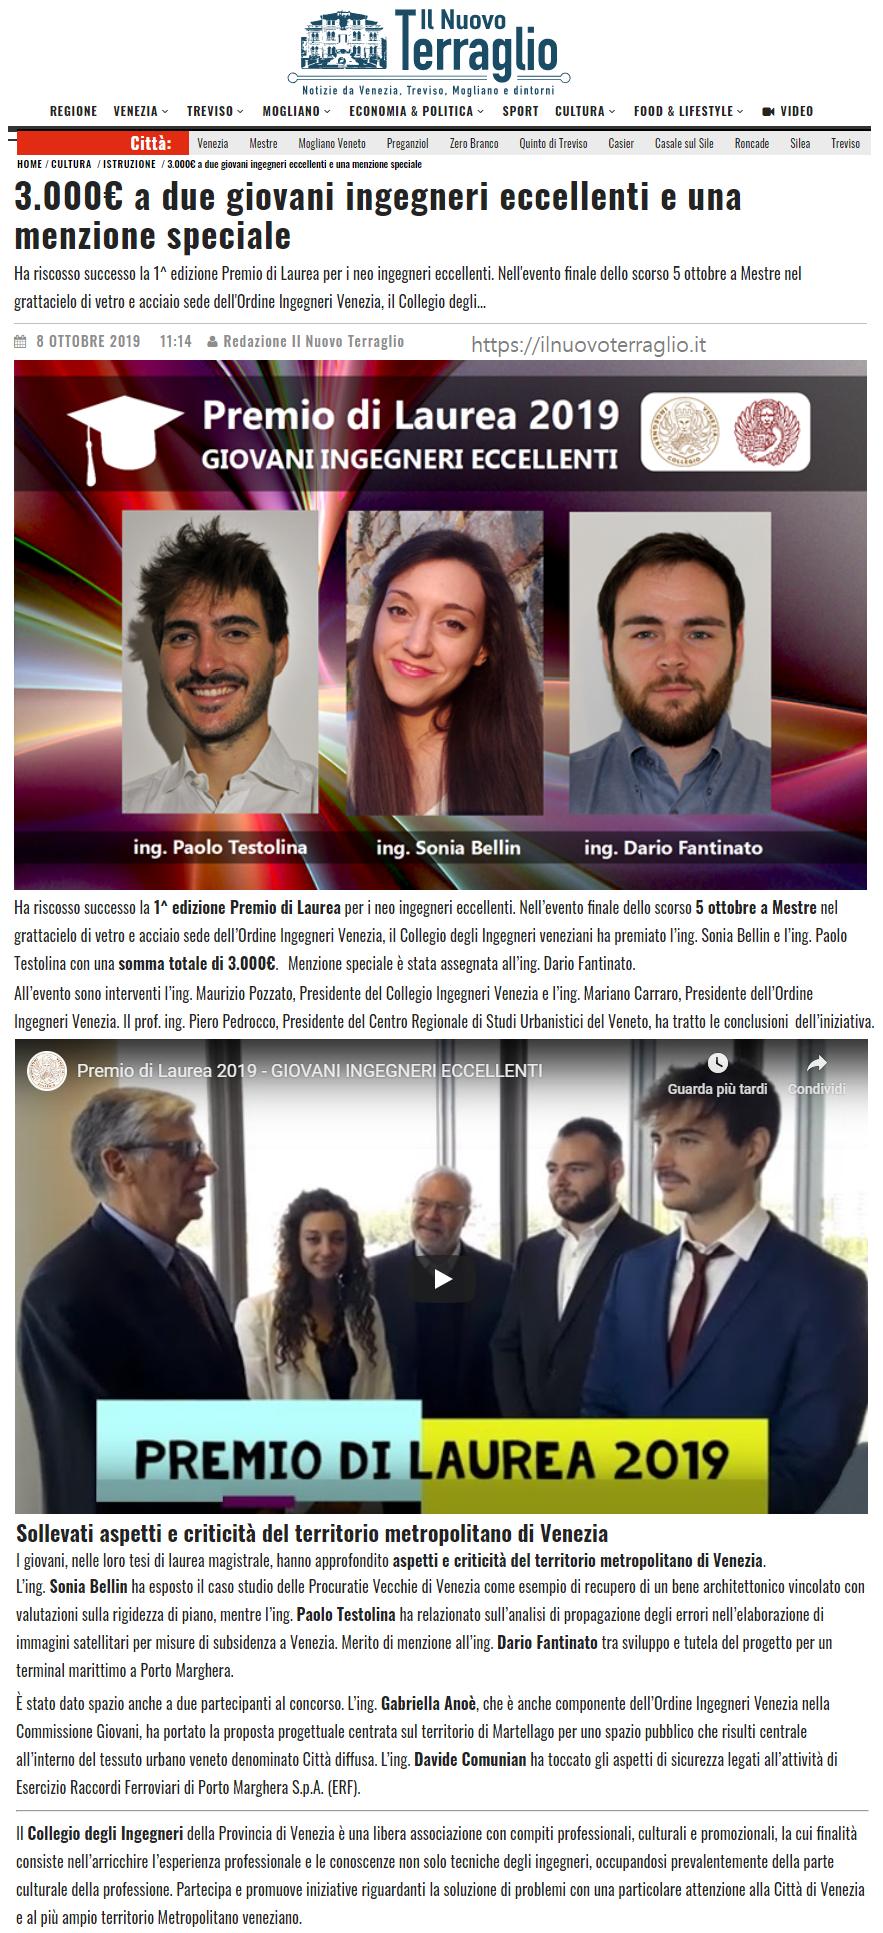 06 08.10.2019 - Il Nuovo Terraglio - Premio di Laurea 2019 Collegio e Ordine Ingegneri Venezia.png